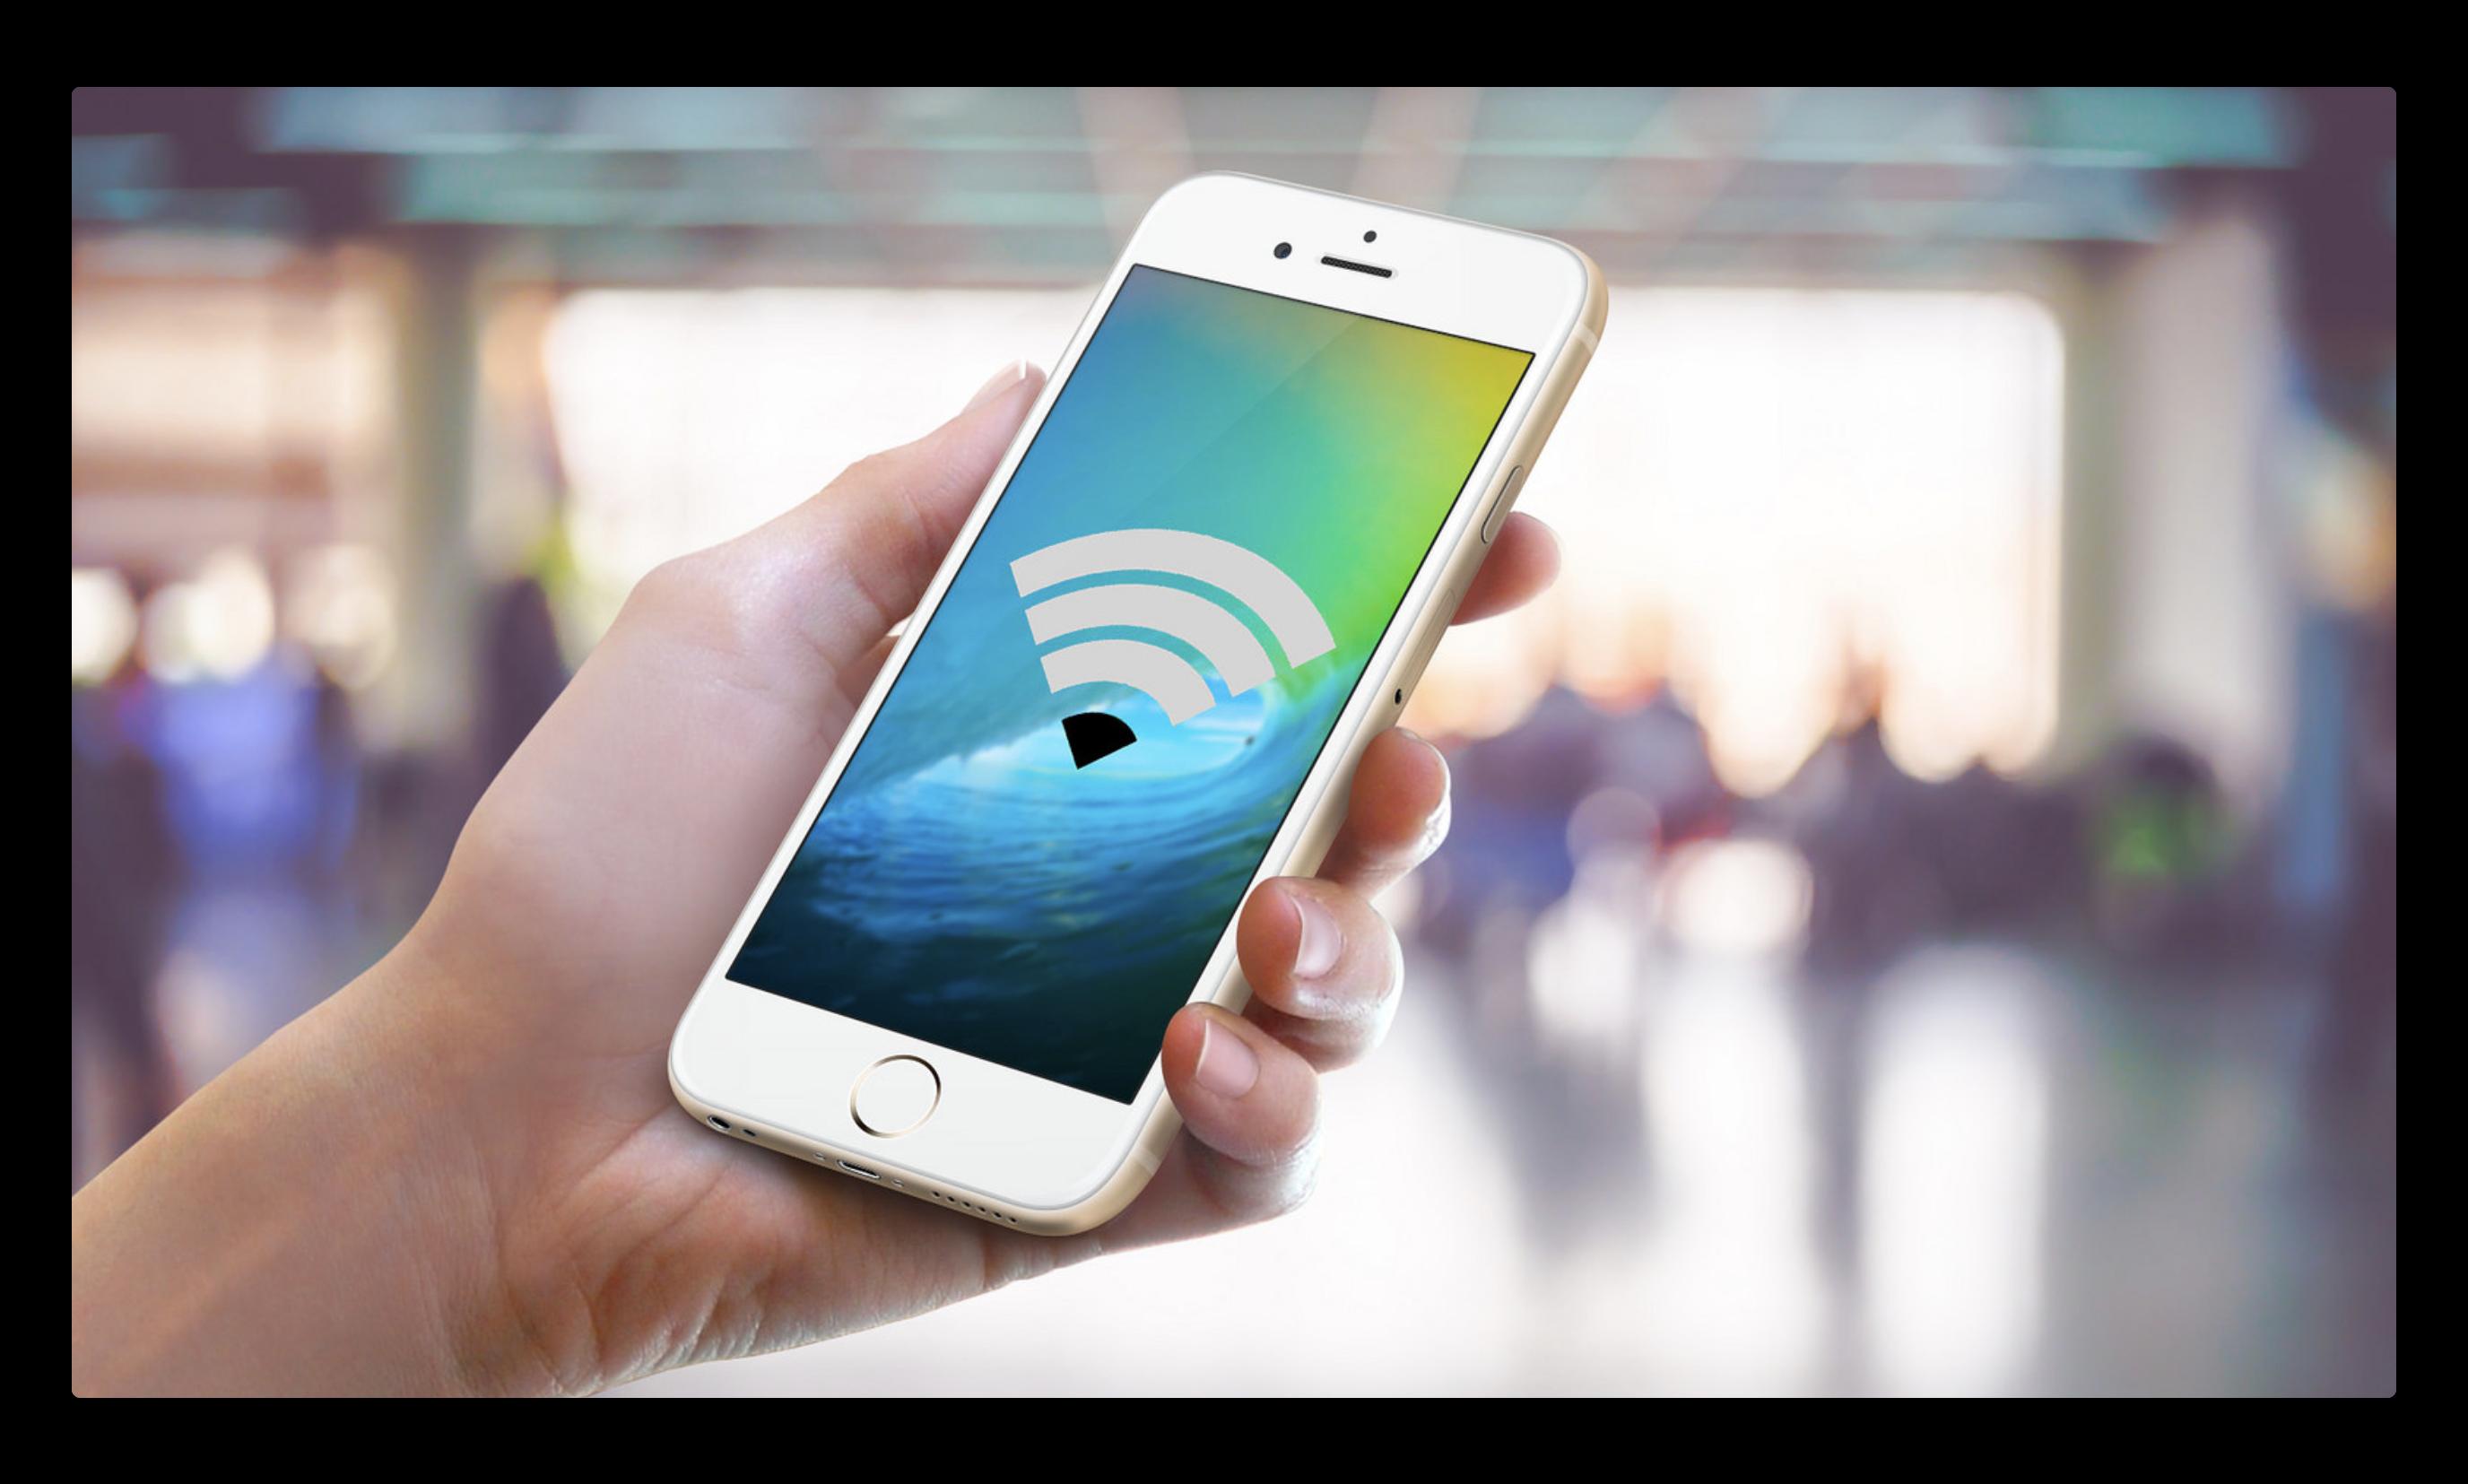 WiFi機能を使用してデバイスのデータにアクセスする、iOSハック「Trustjacking」が見つかる